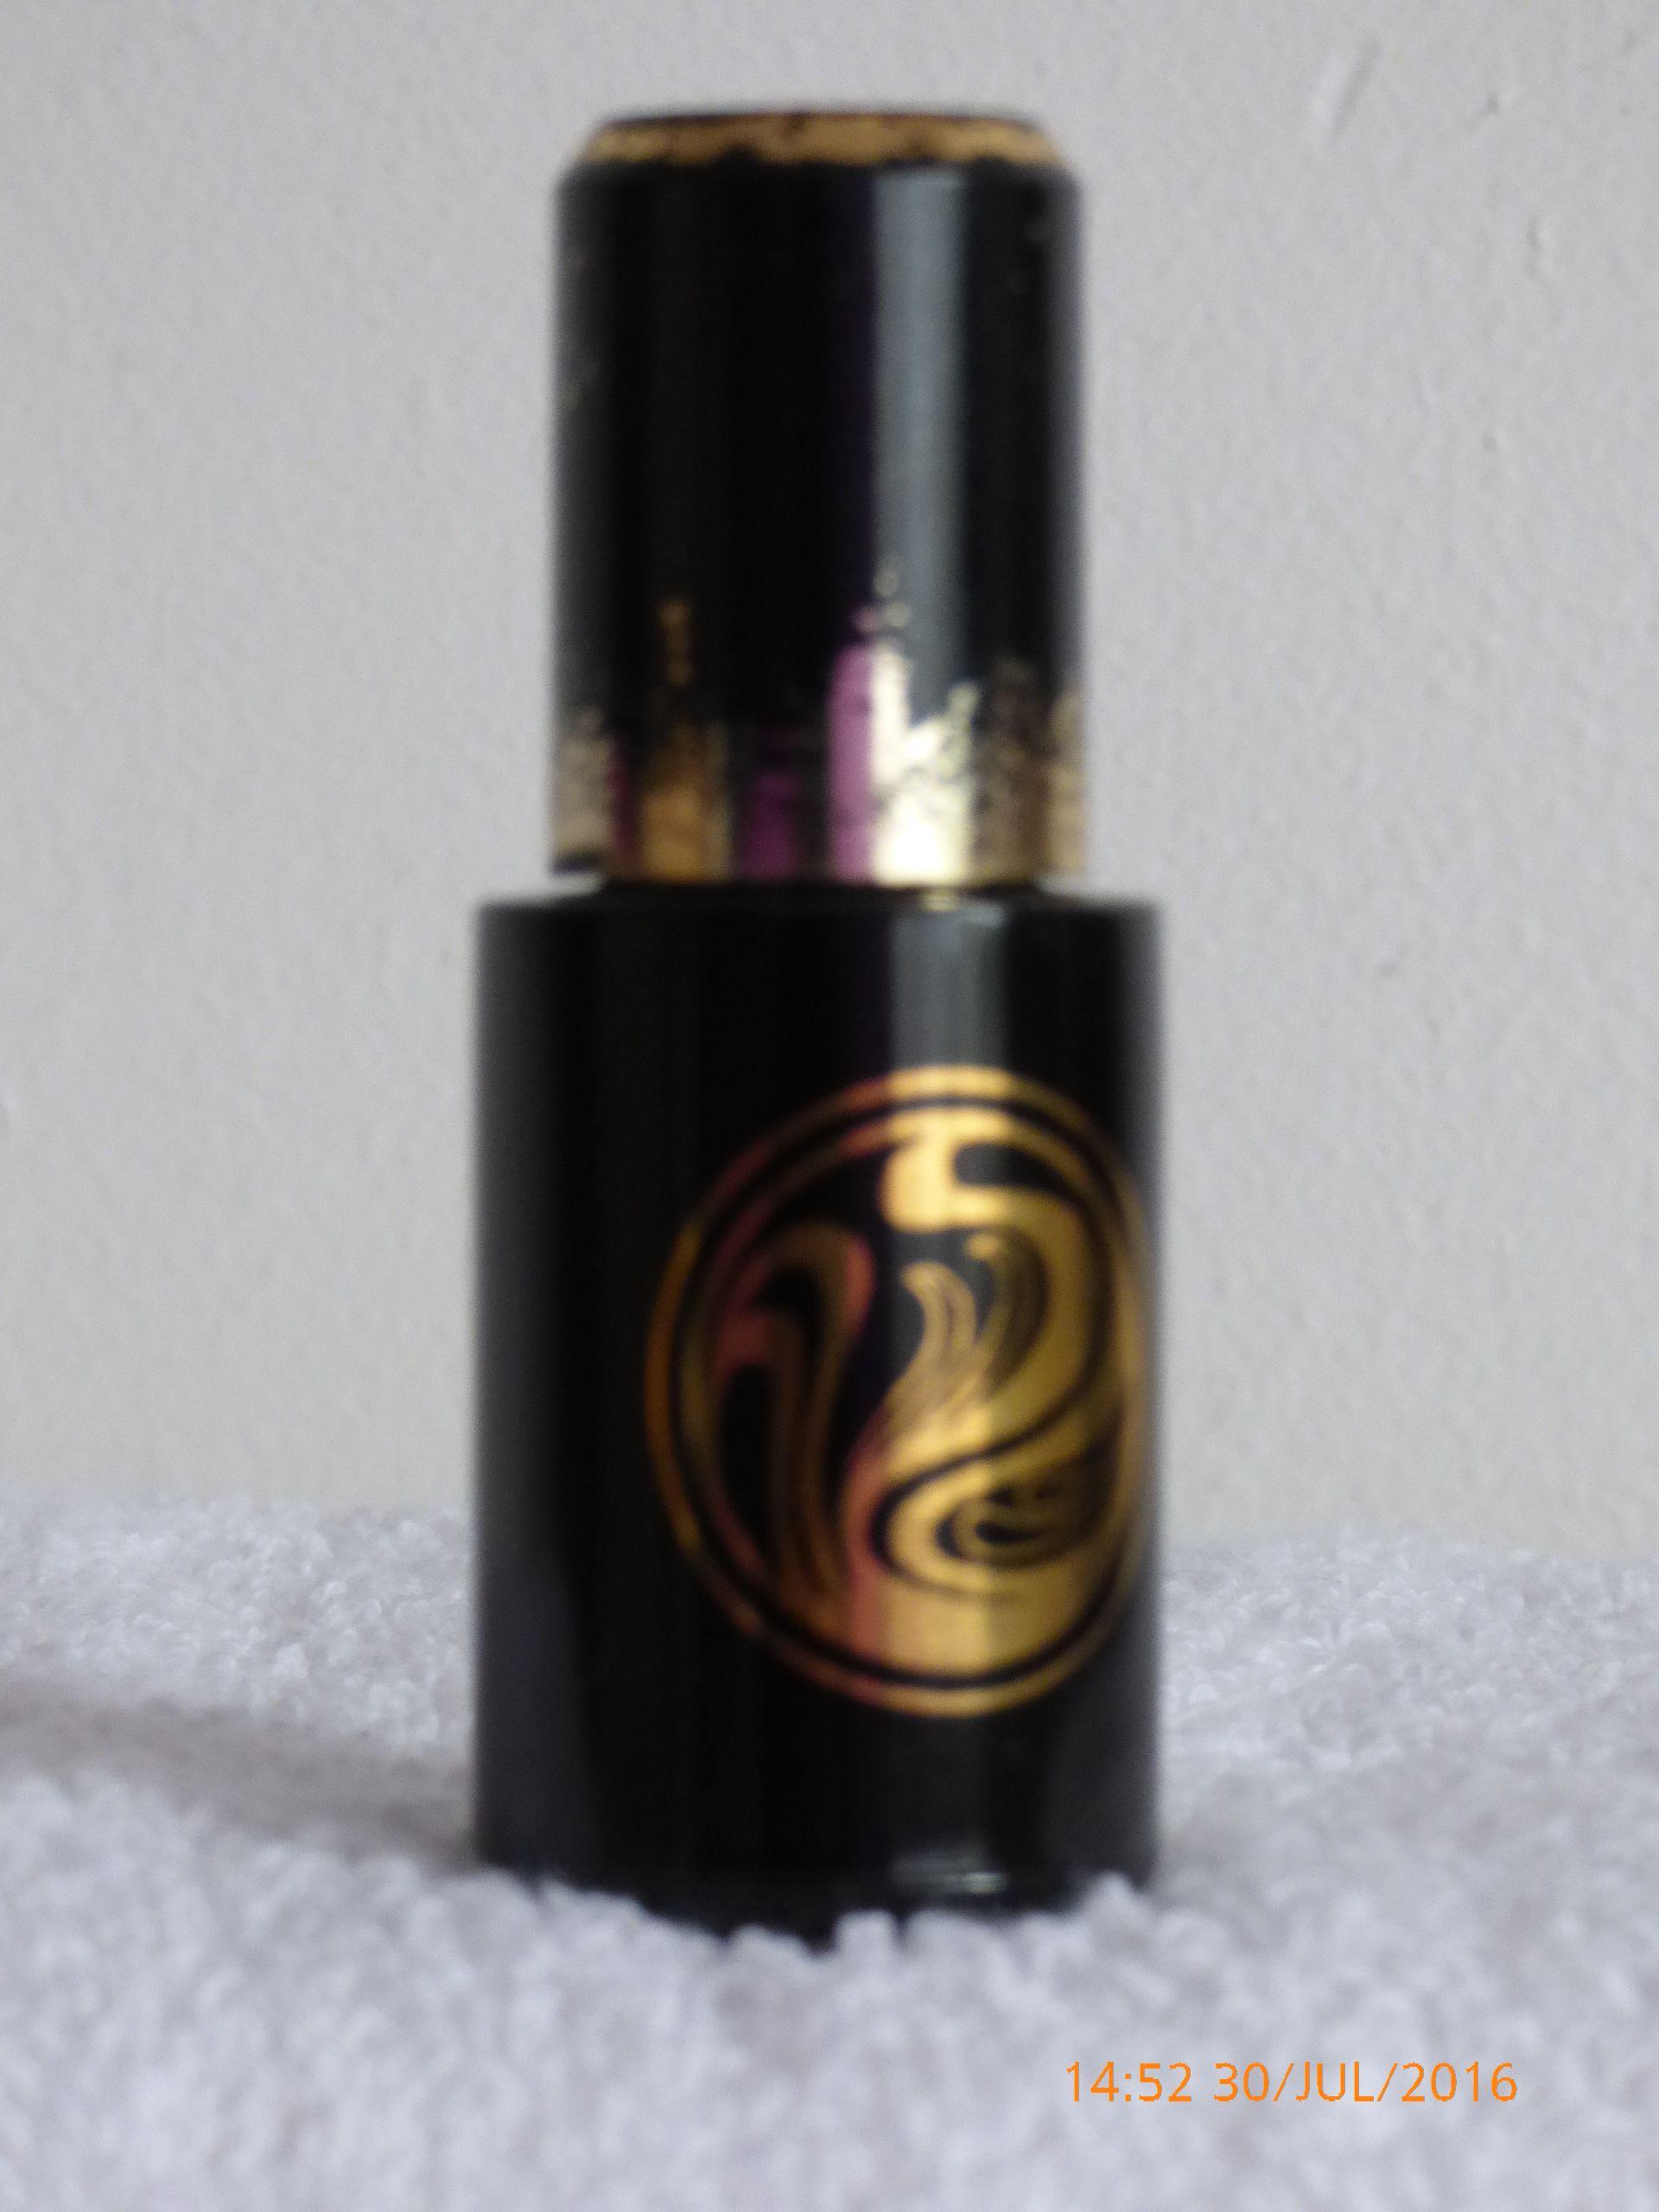 Avon Occur Parfum 10ml Batch Code G2446 My Vintage Frag